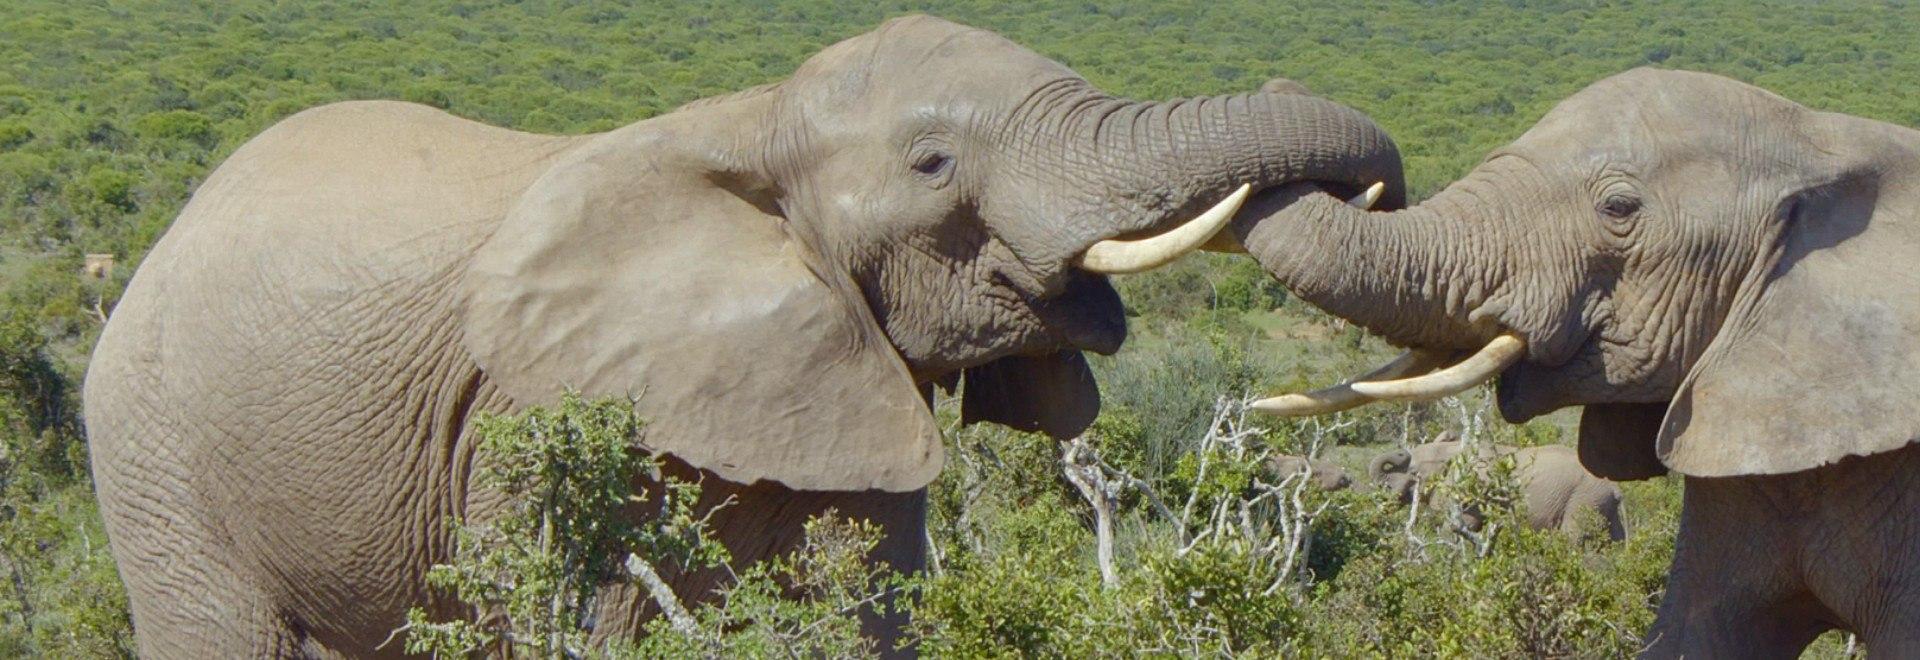 Storie di elefanti